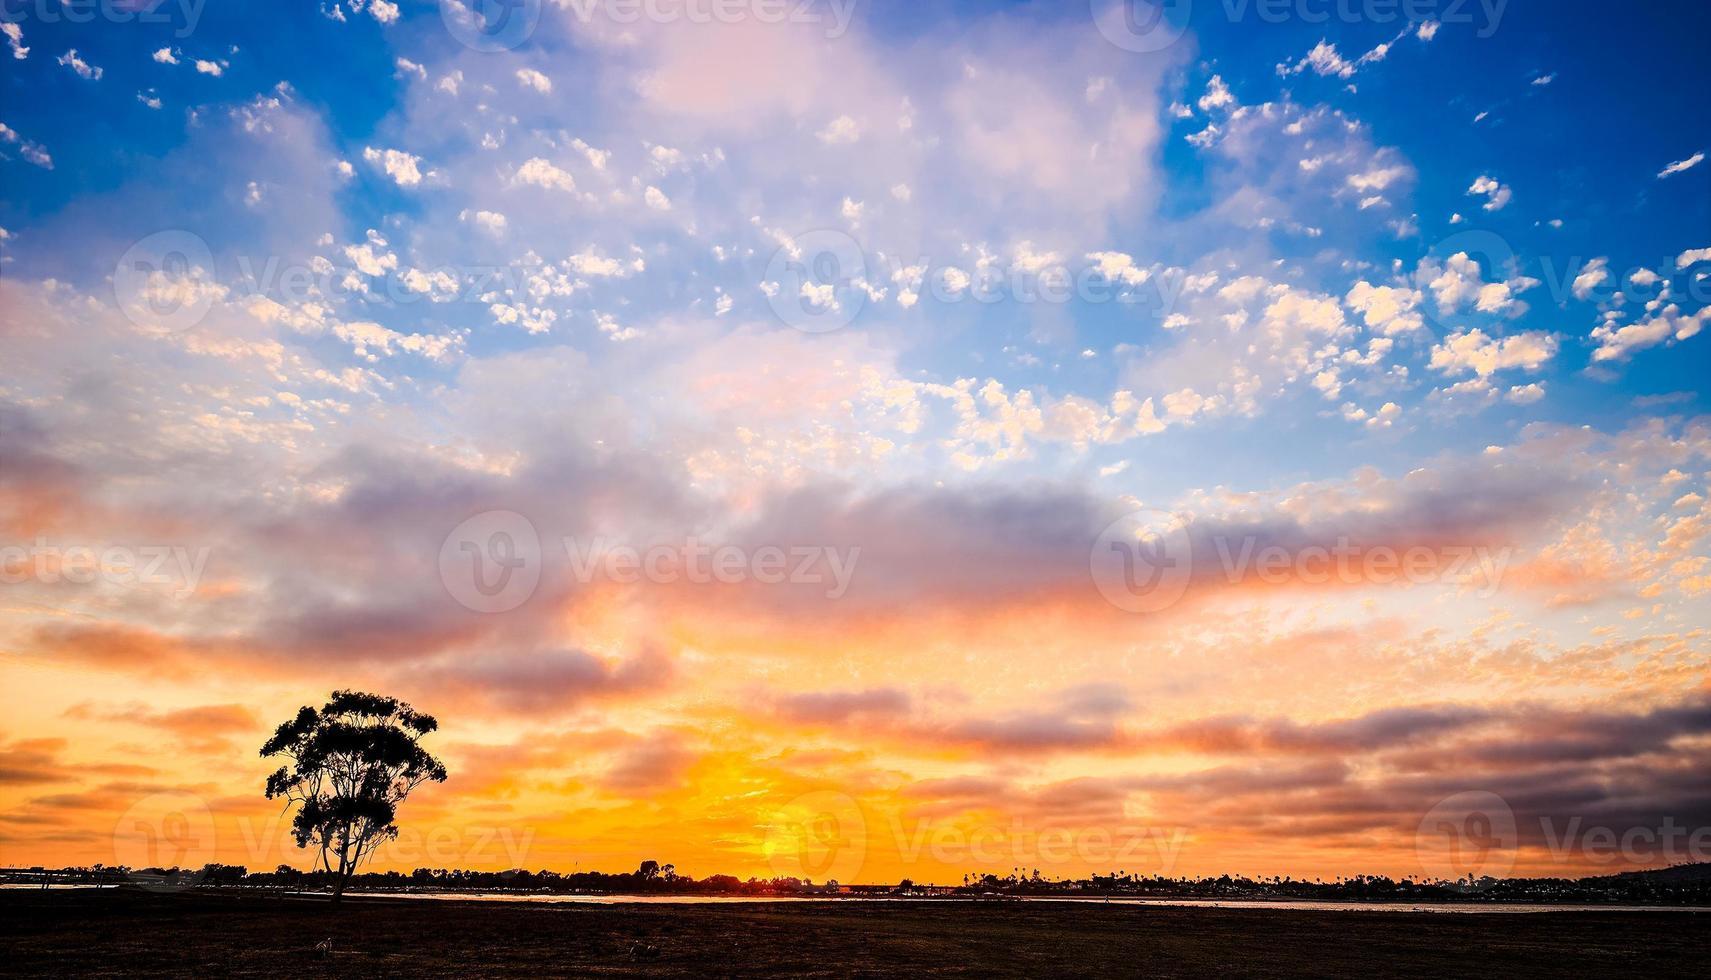 coucher de soleil sur la baie de la mission. san diego, californie usa. photo